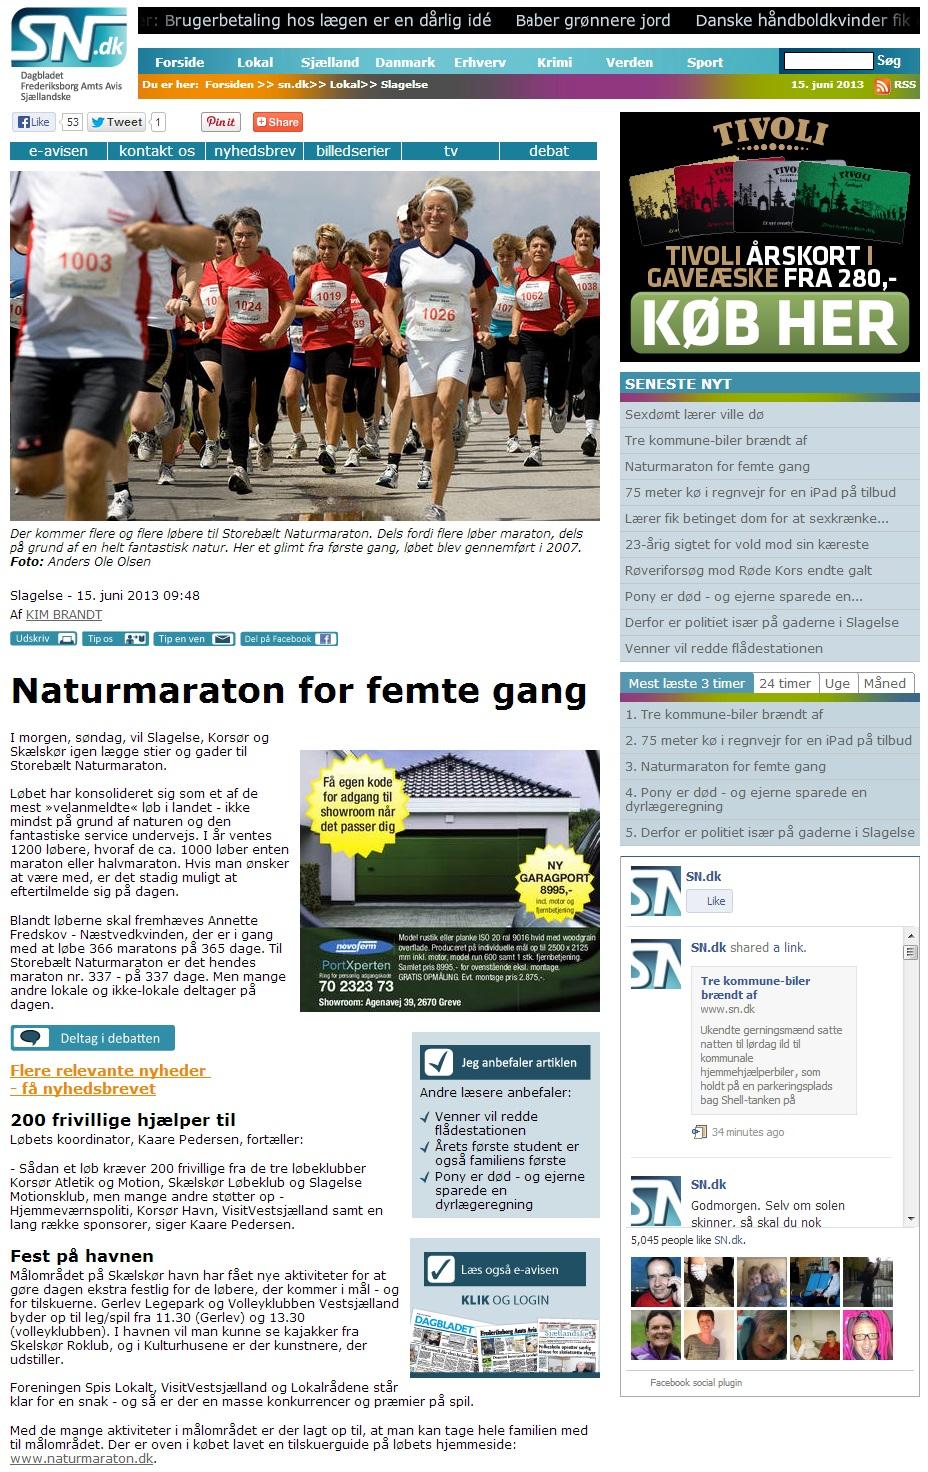 www.sn.dk_Slagelse 2013.06.15